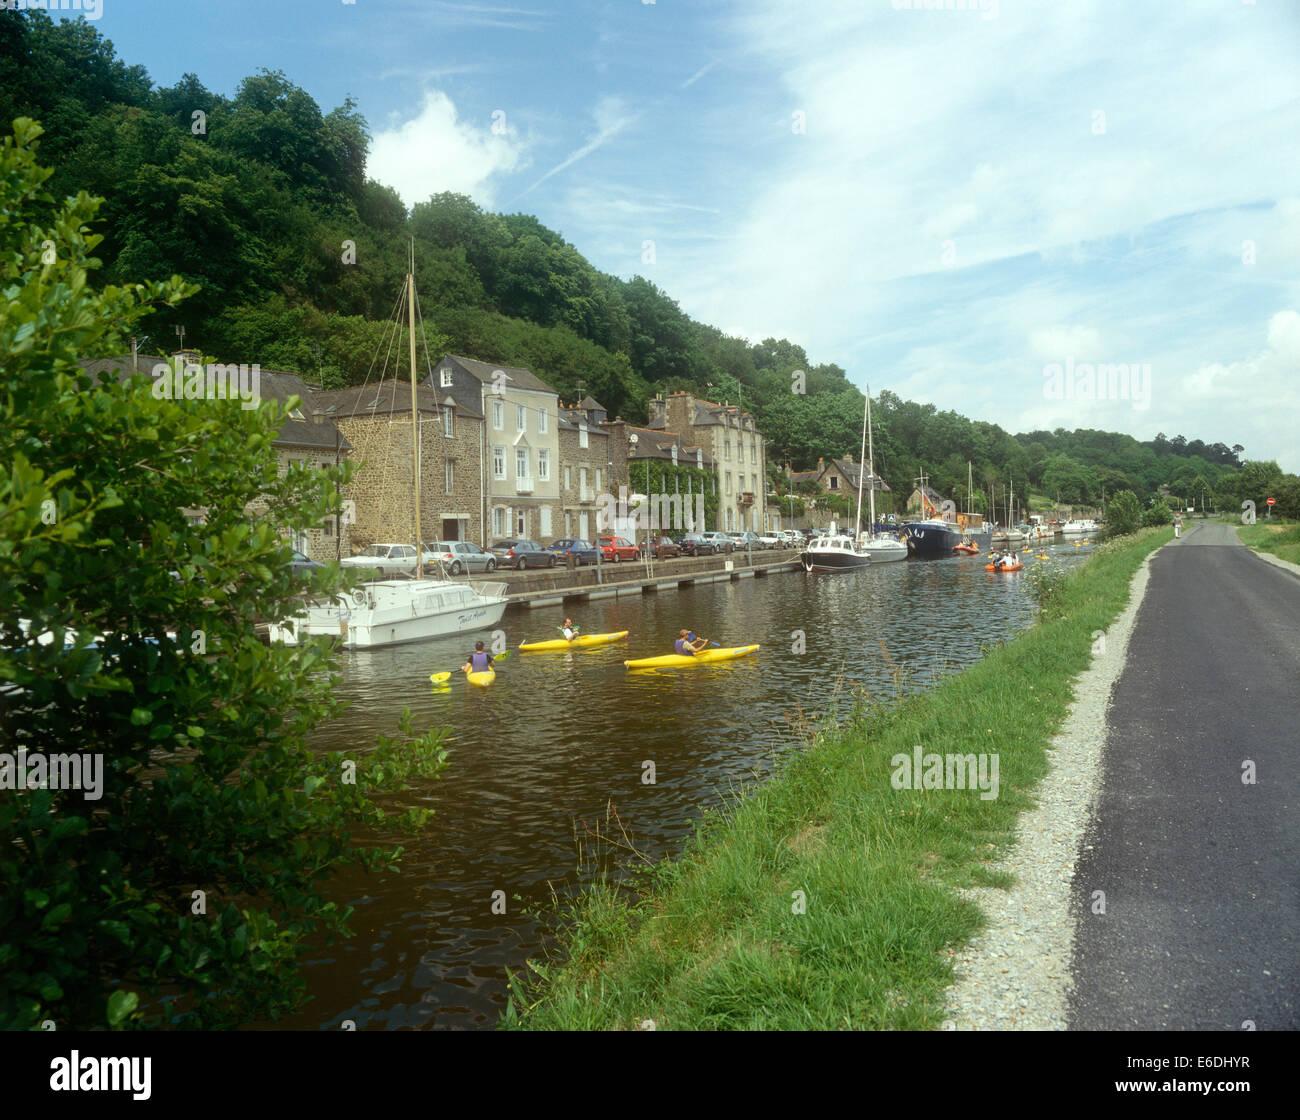 Riverside Dinan France - Stock Image